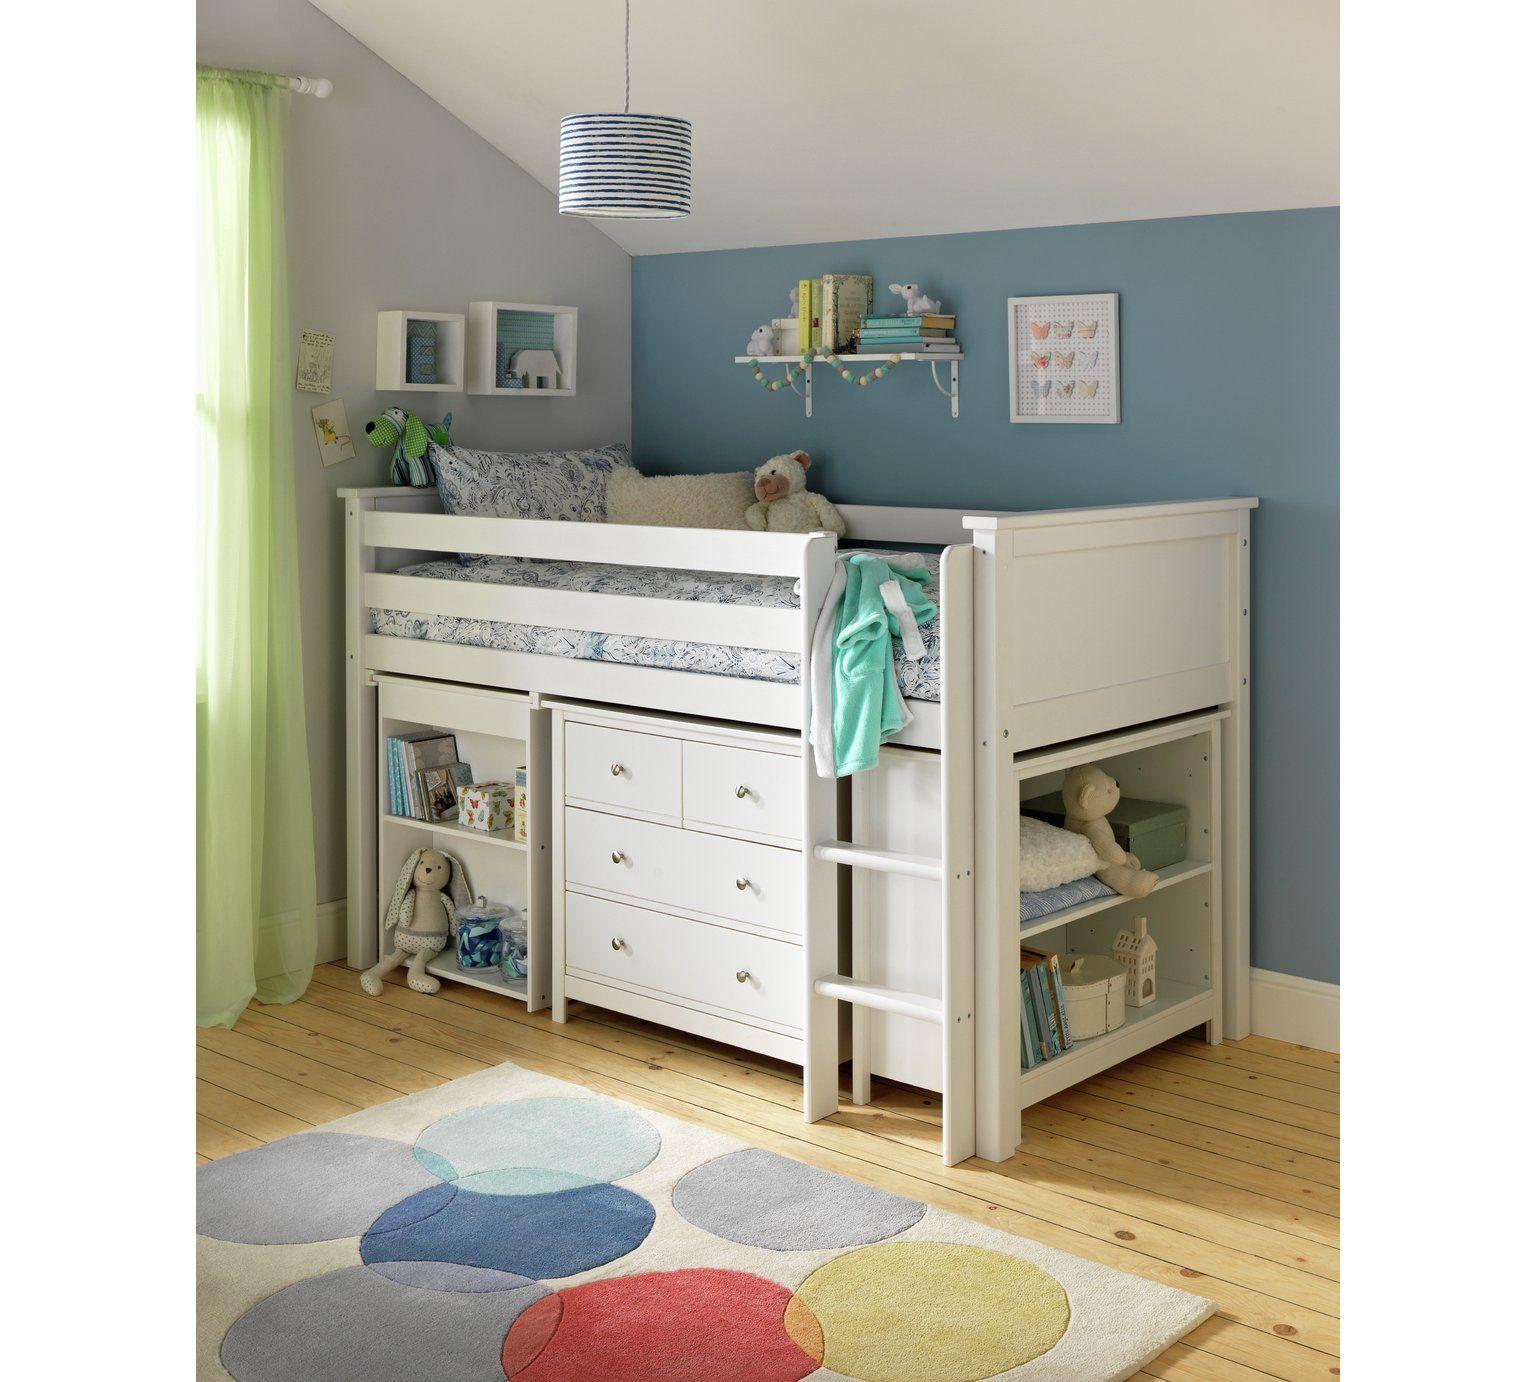 Argos Childrens Bedroom Storage